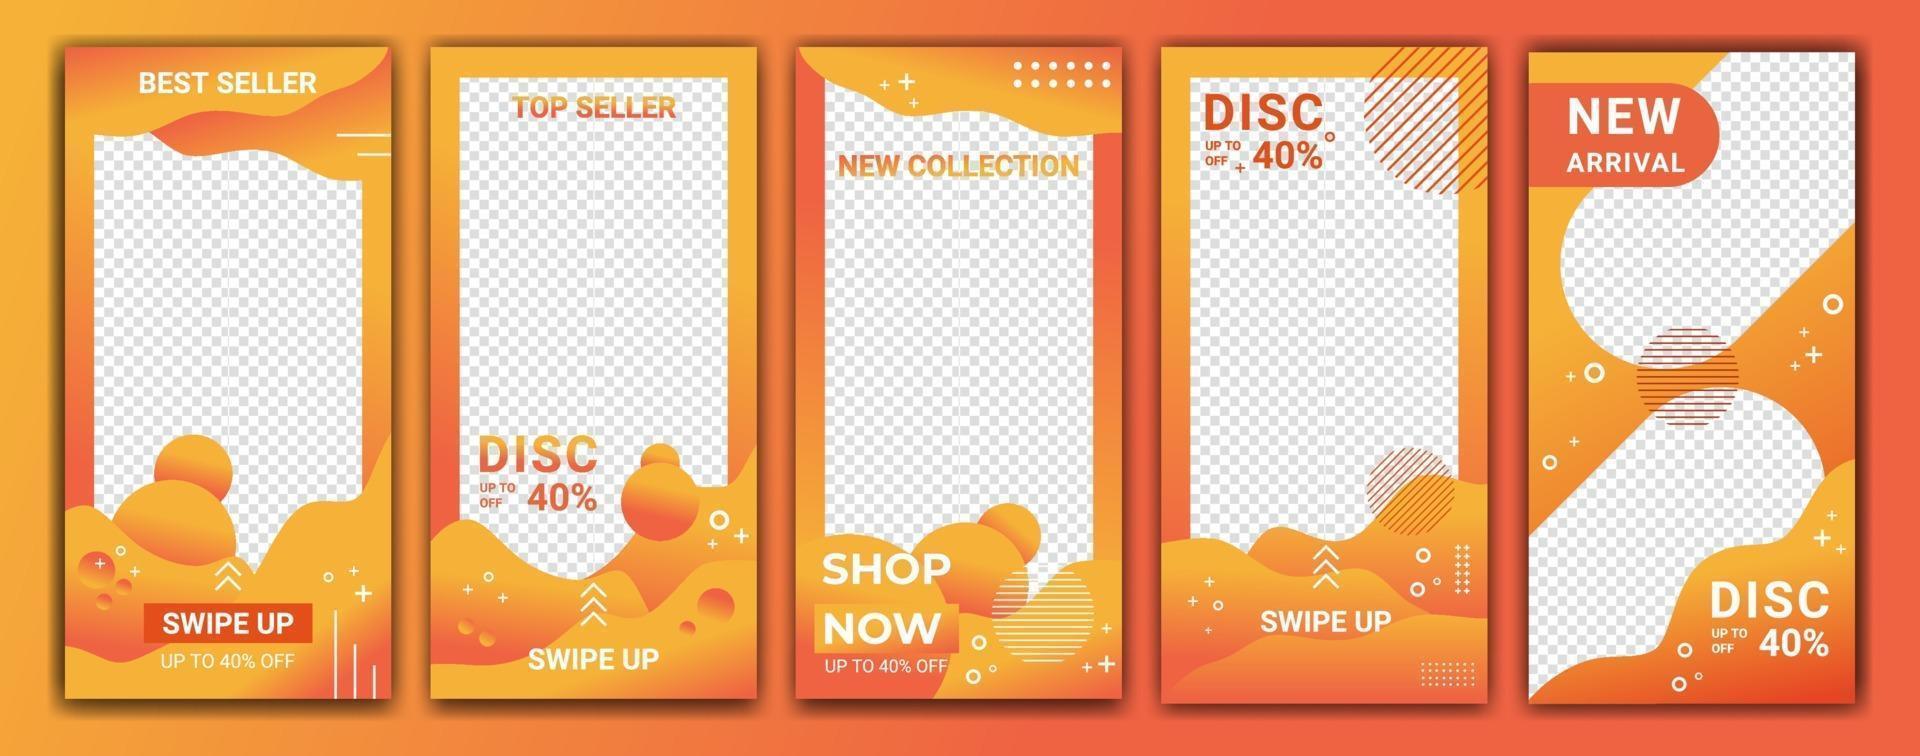 design bakgrunder för sociala medier i tonad färg orange och vit. redigerbar mall för berättelser, ig-mall och webbannonser. abstrakt design för din försäljningsprodukt. vektor illustration